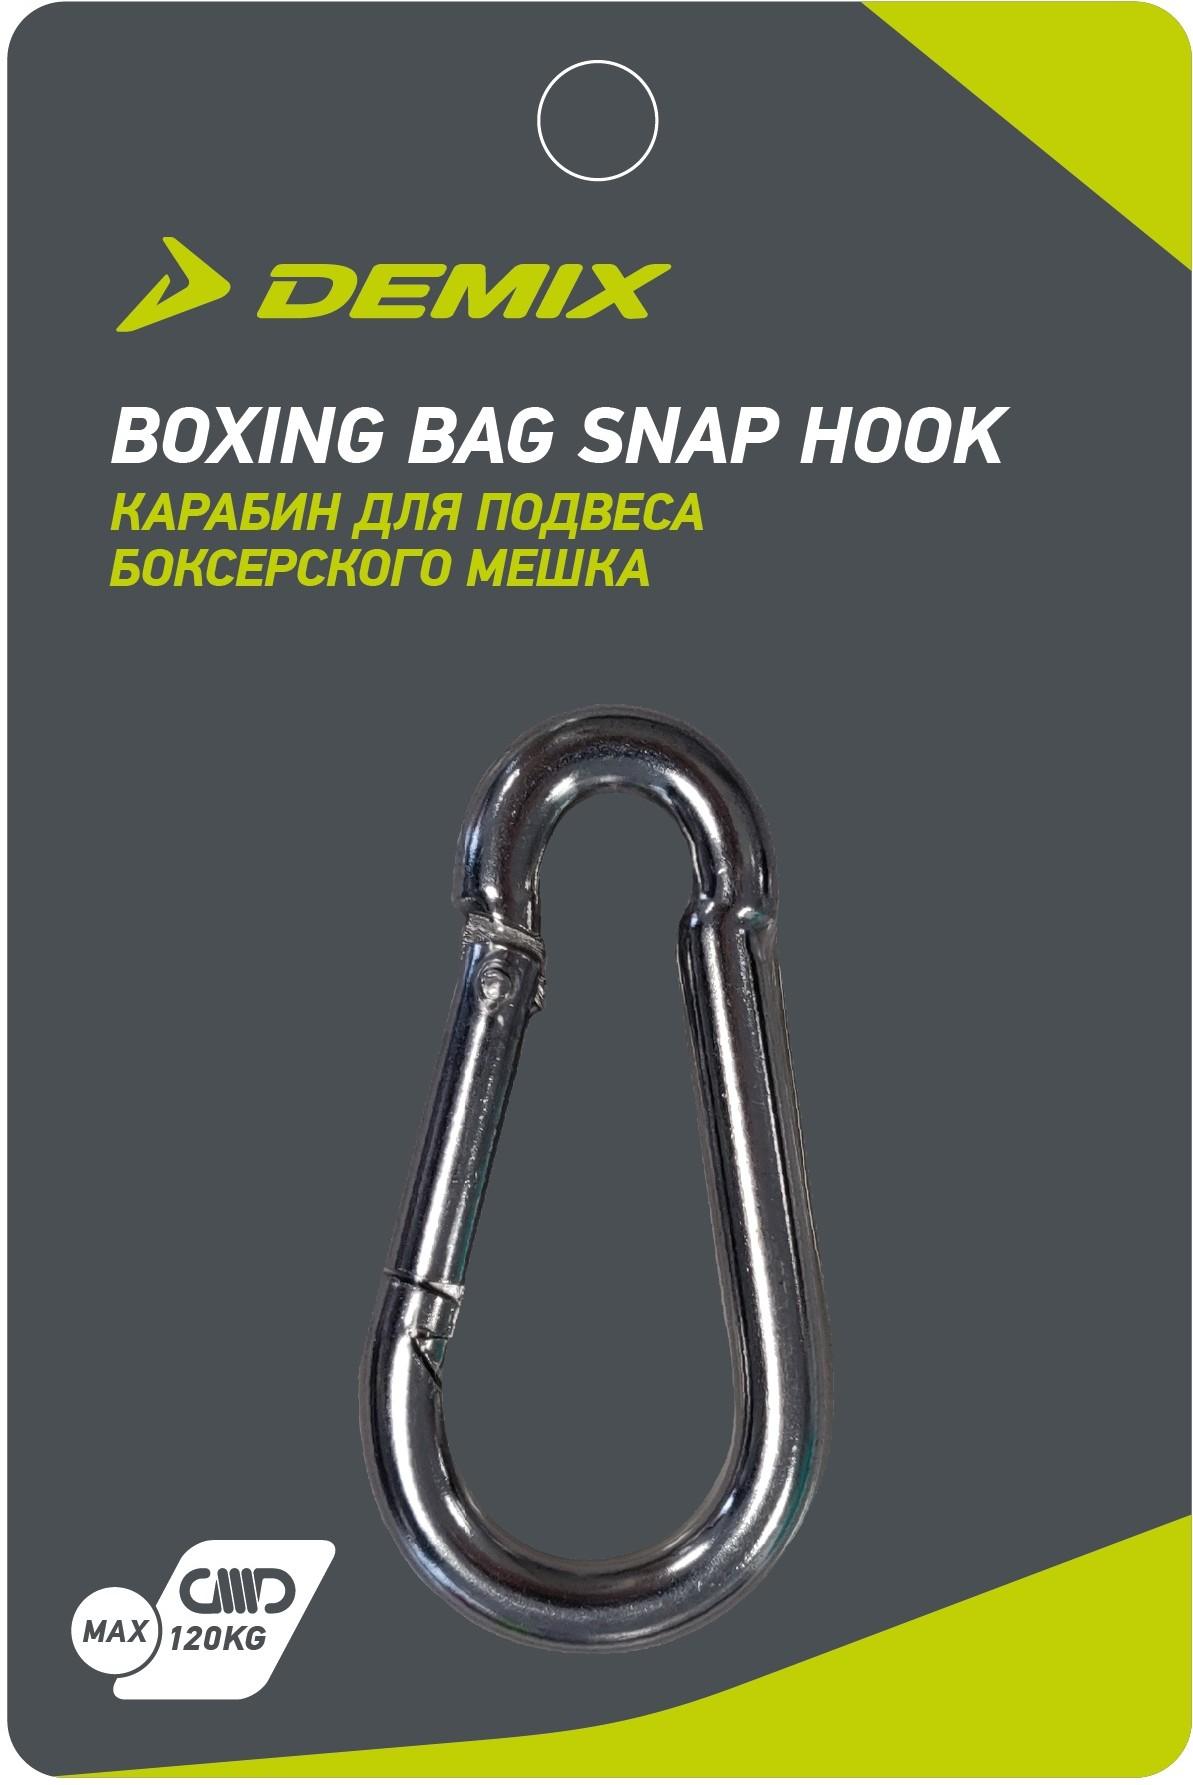 Demix Карабин для боксерского мешка